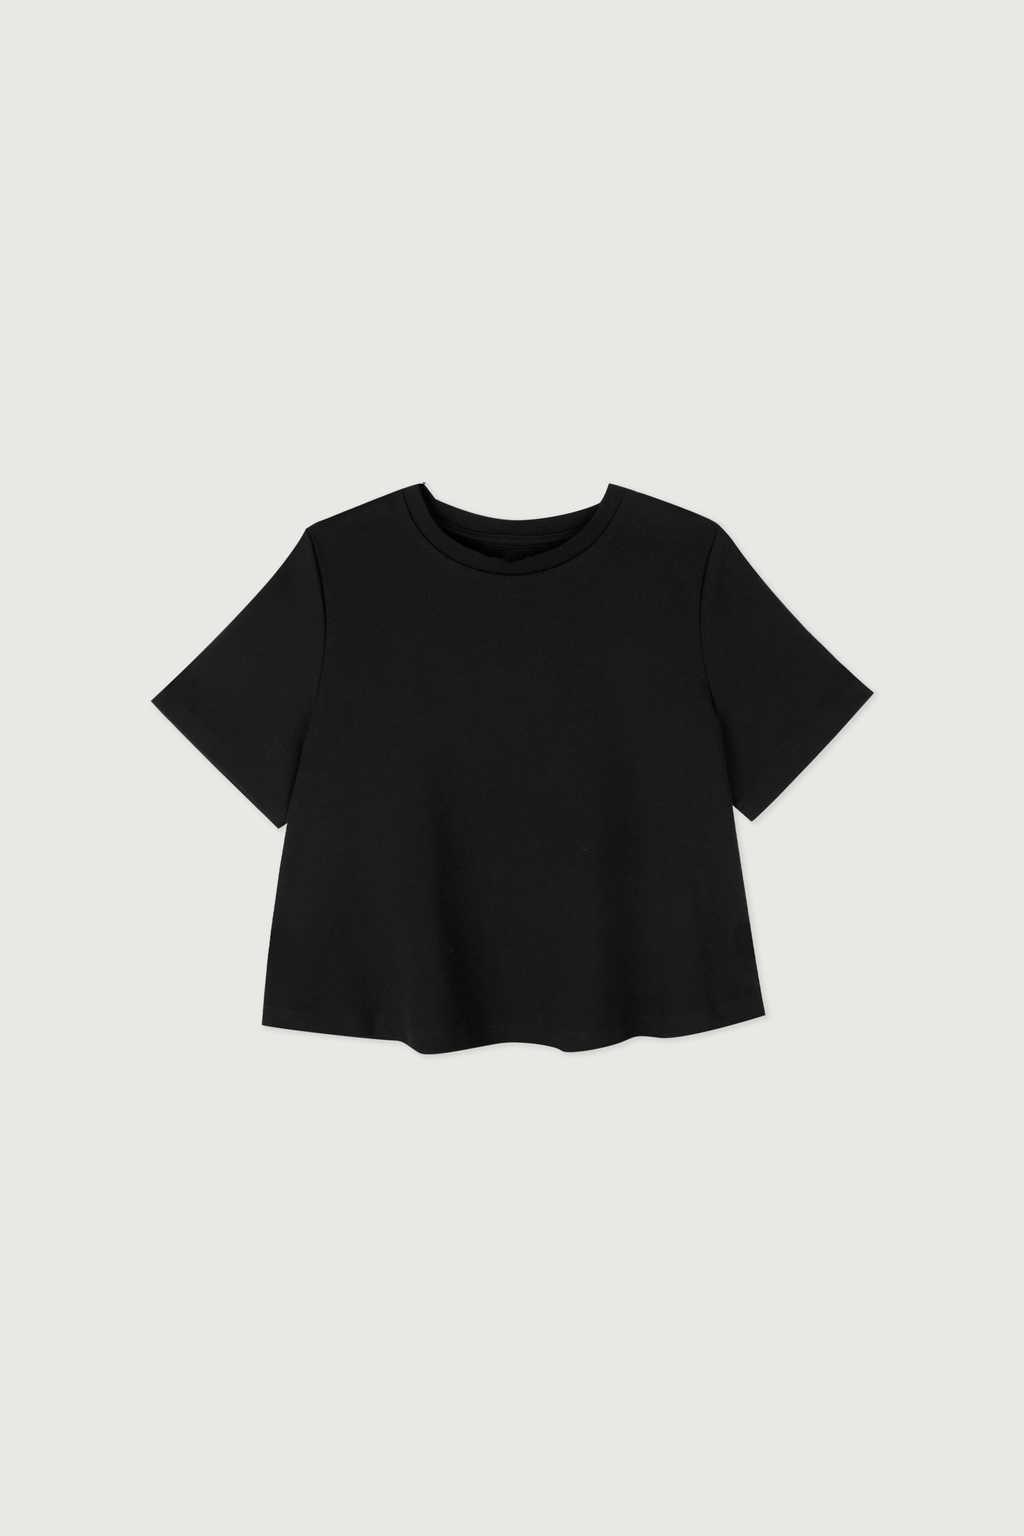 TShirt 22652019 Black 8